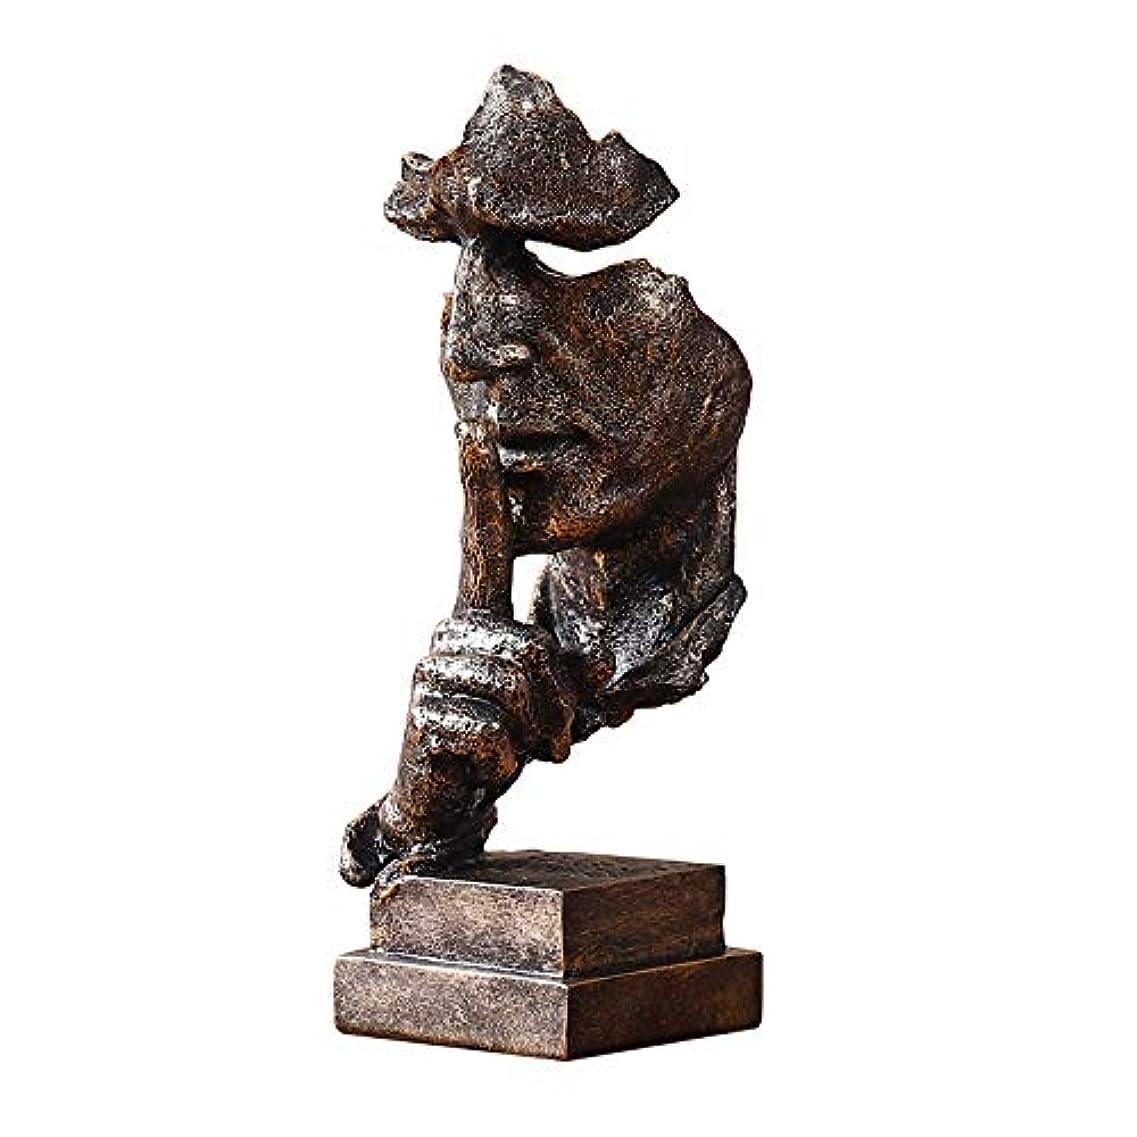 花婿杖終わらせる樹脂抽象彫刻沈黙はゴールデン男性像キャラクター工芸品装飾用オフィスリビングルームアートワーク,Bronze